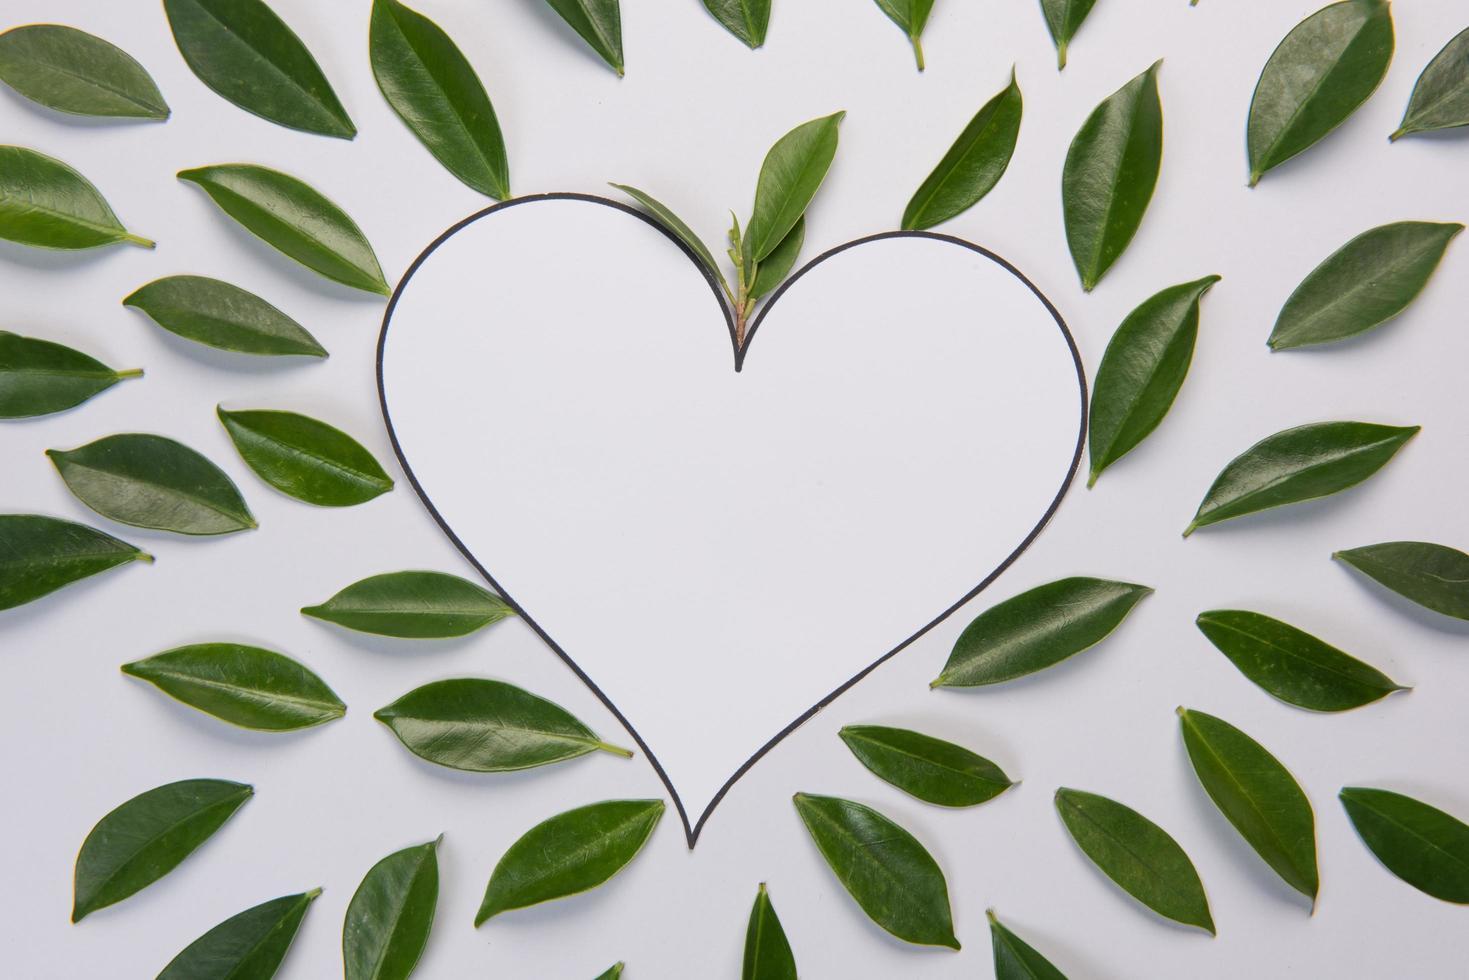 foglie su sfondo bianco con spazio per il testo foto